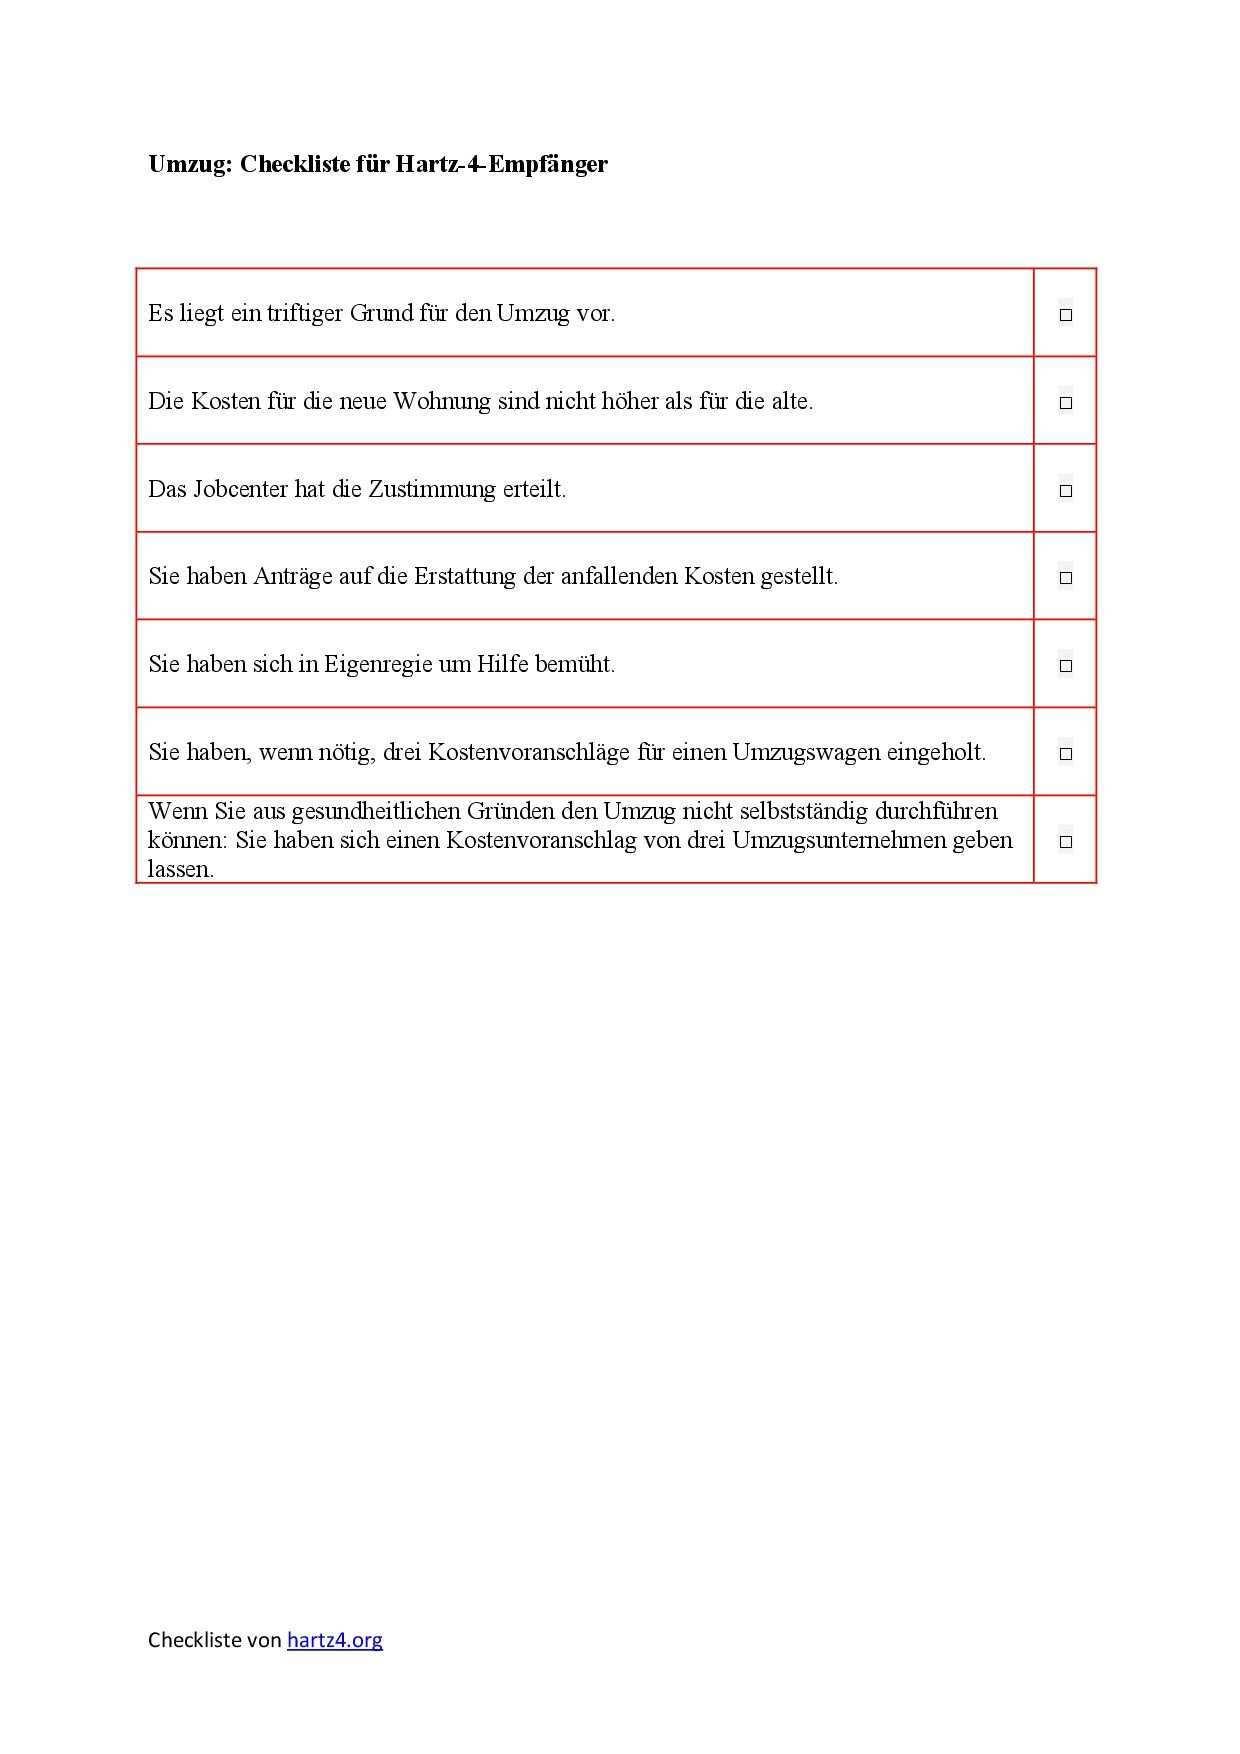 Hartz 4 Antrag Muster Fur Alle Belange Hartz Iv Alg 2 Umzug Checkliste Lebenslauf Download Lebenslauf Muster